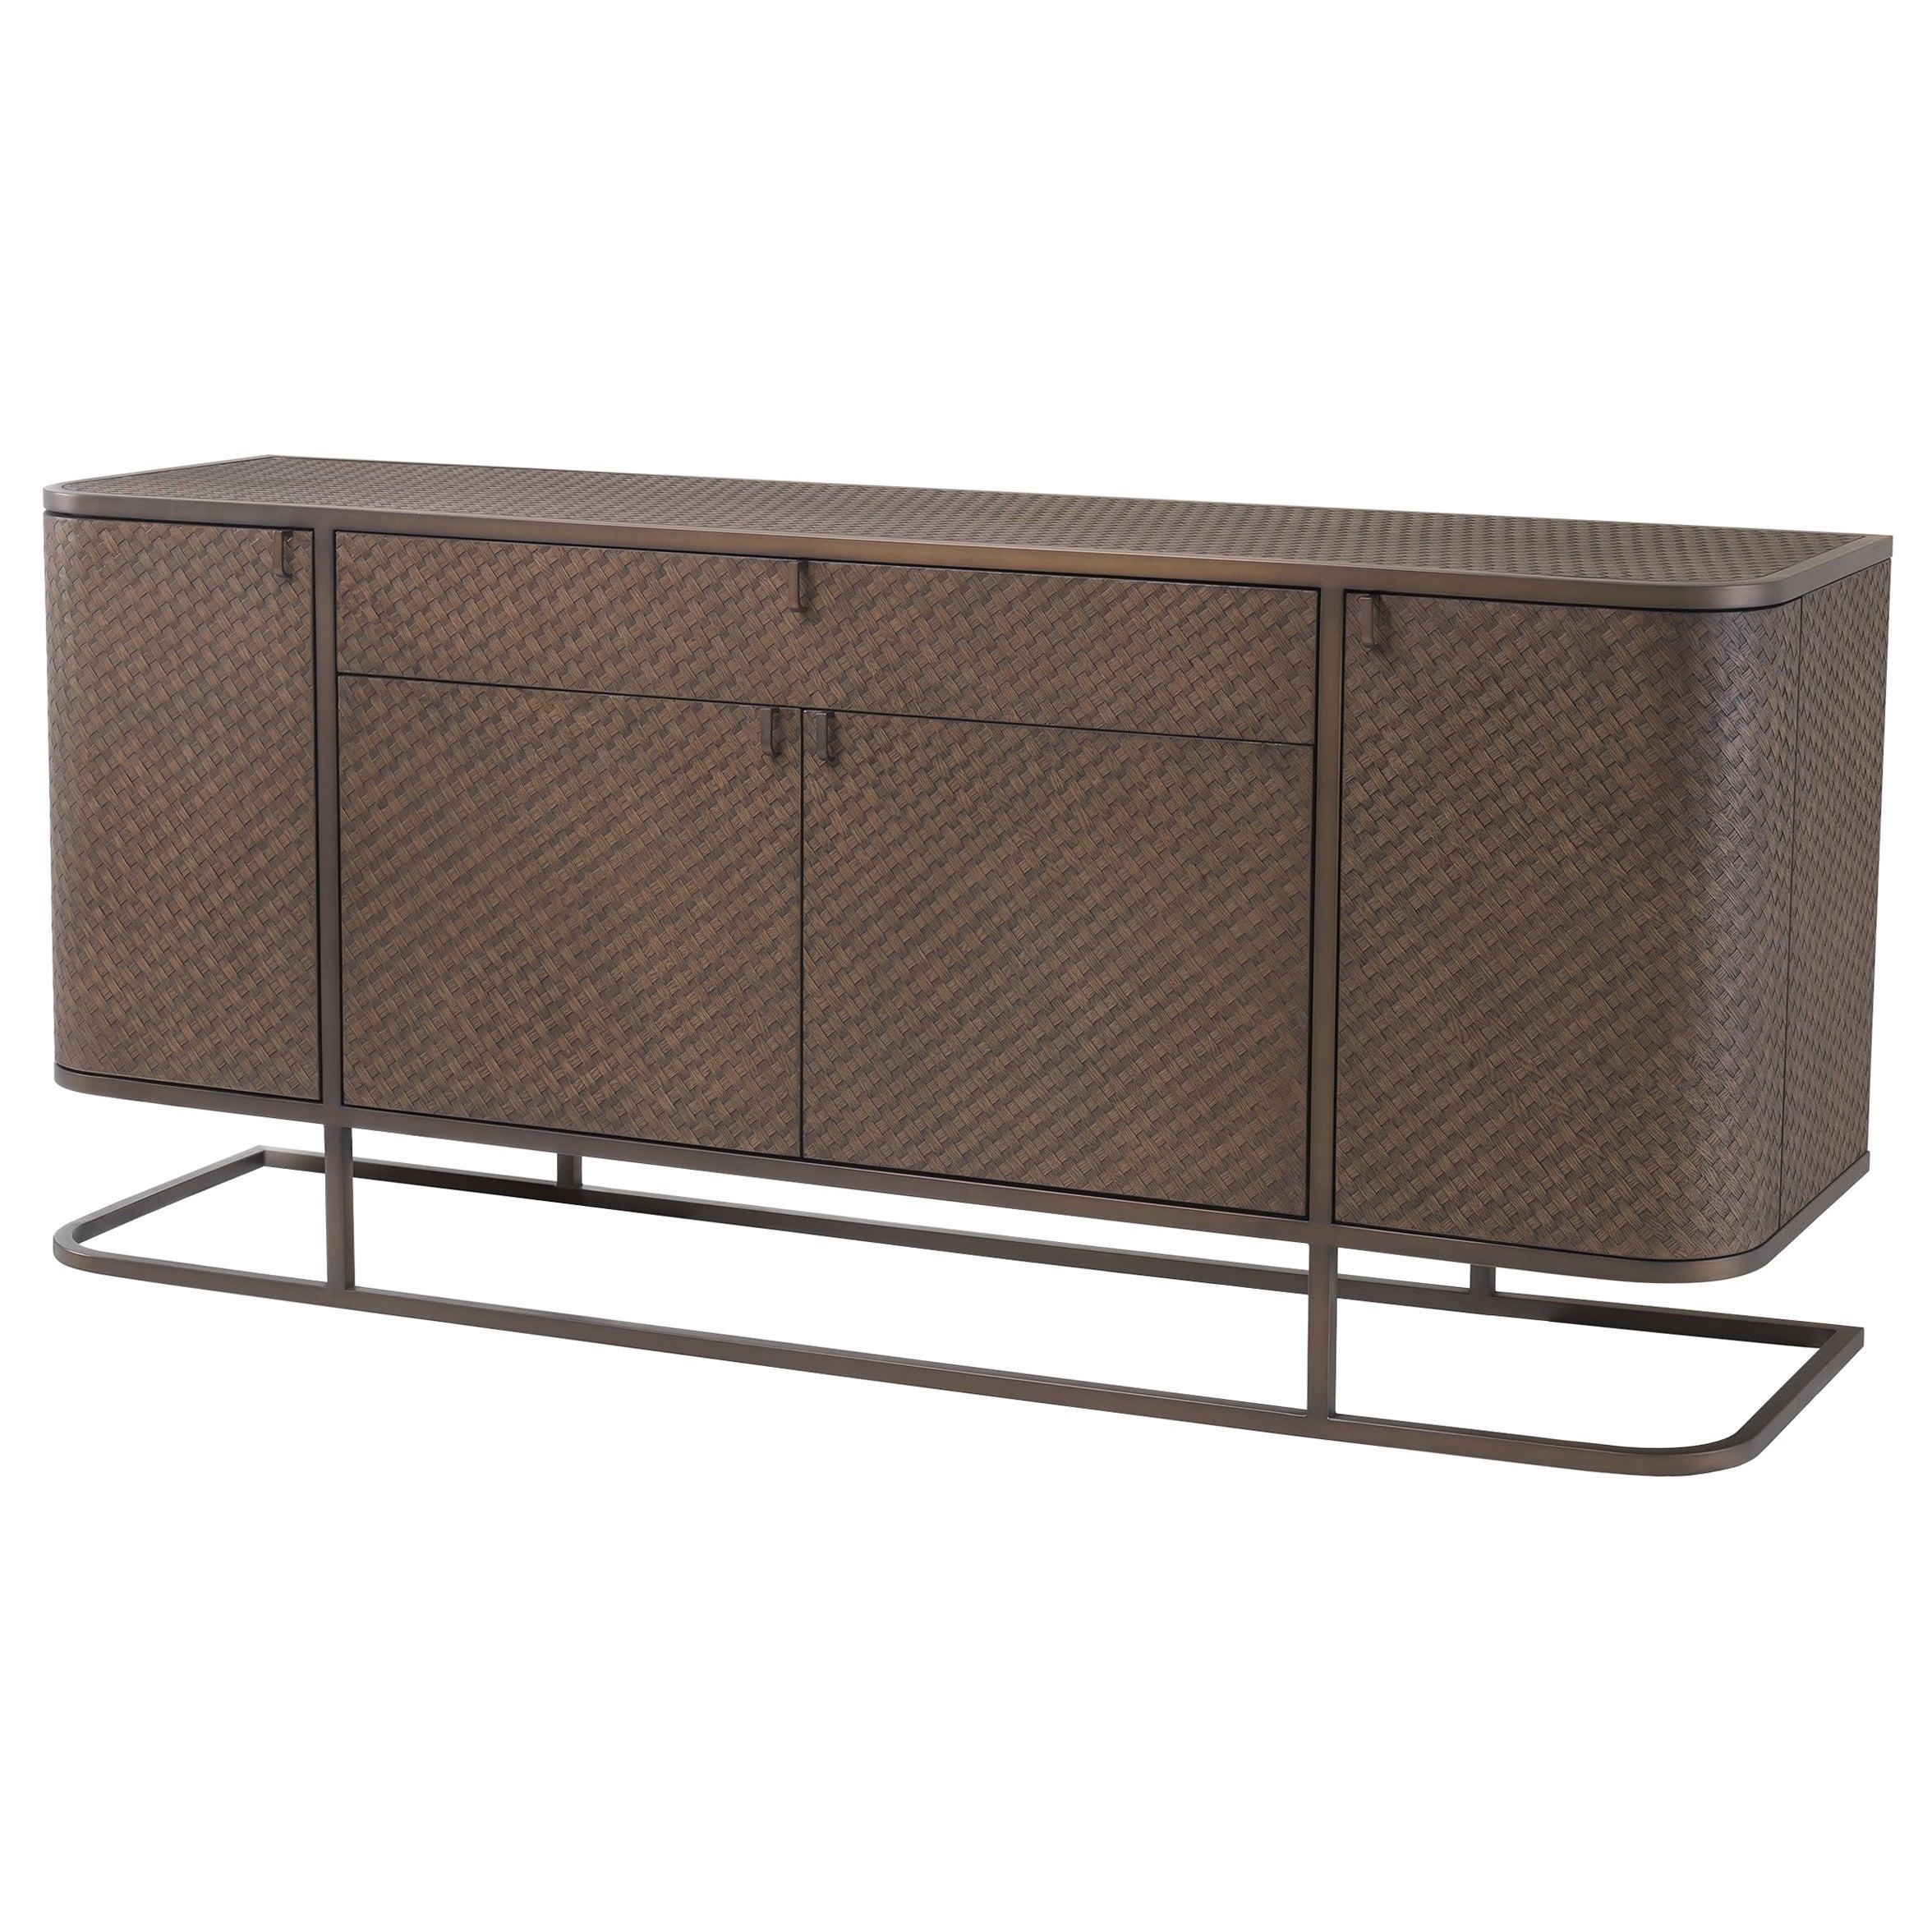 Oak Wooden and Brushed Brass Metal Design Sideboard